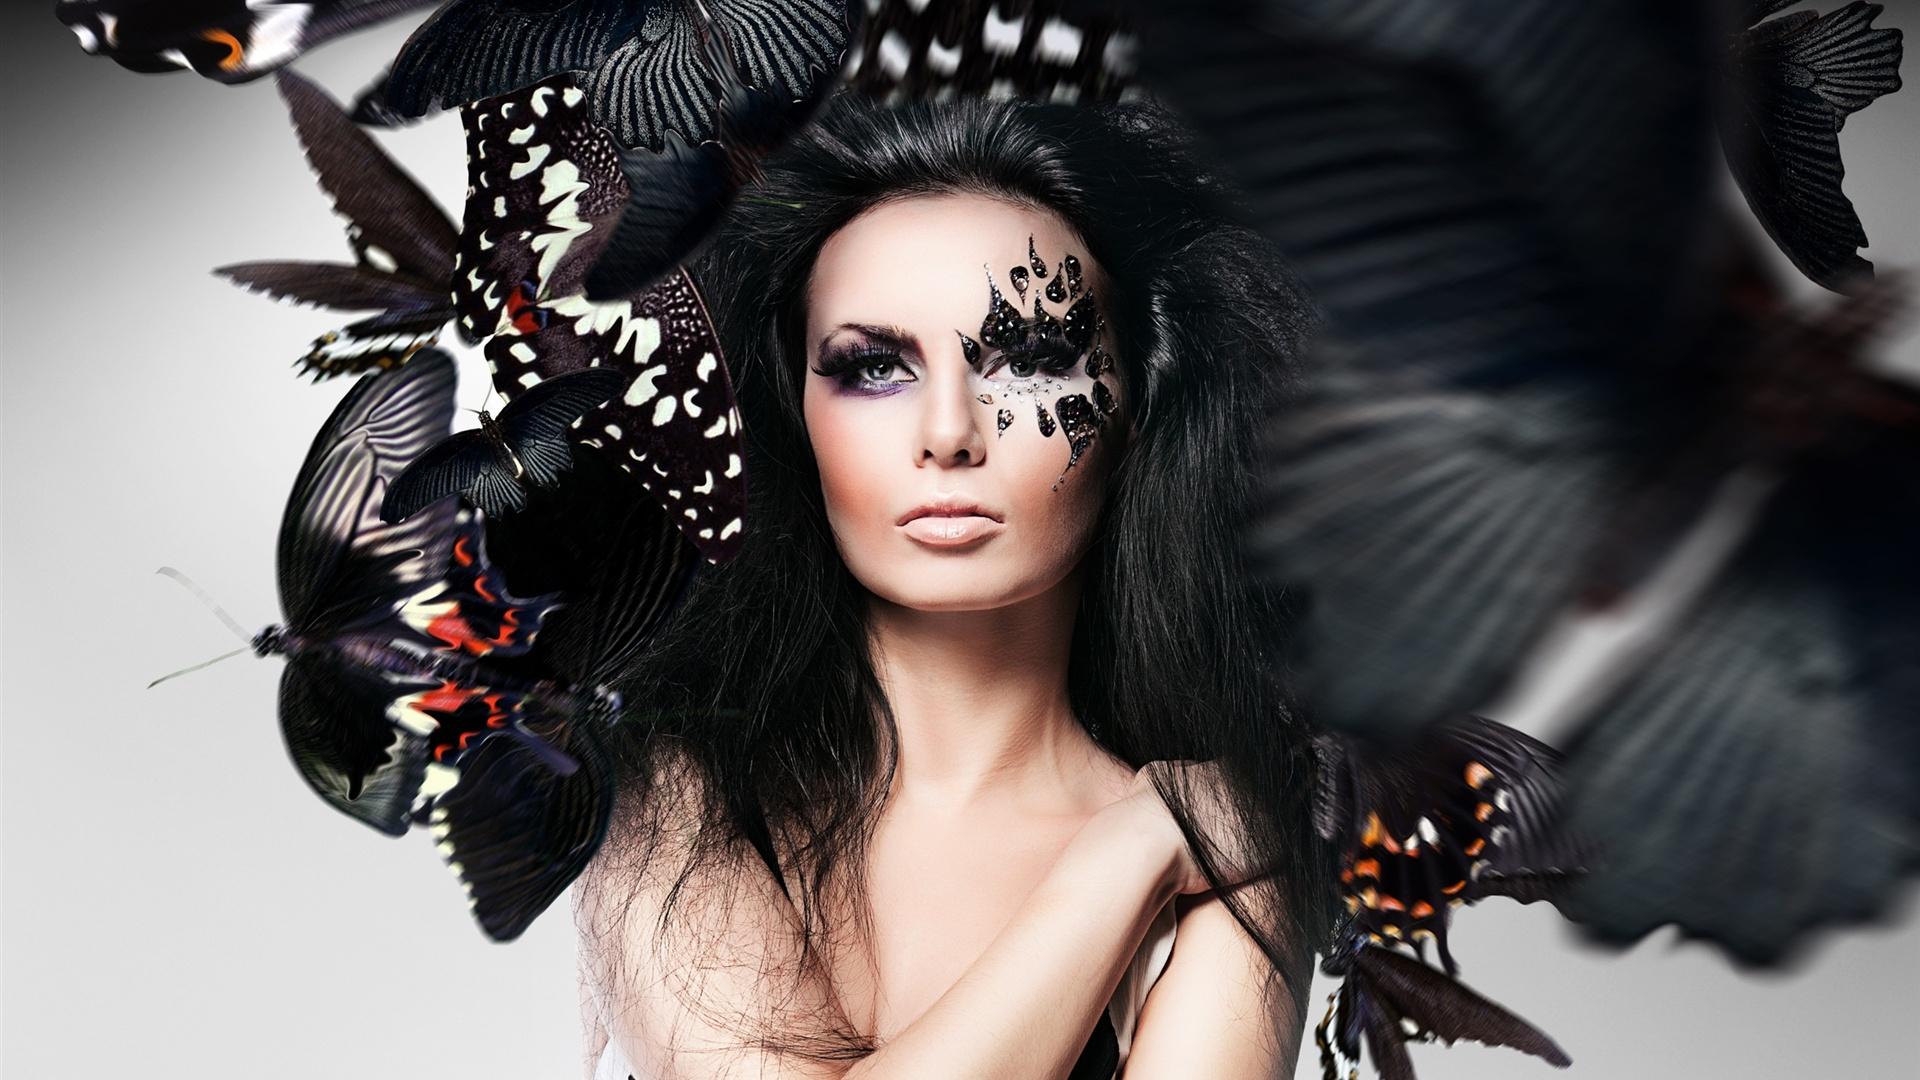 Girl Makeup Face Butterfly Photoshop Creative Design HD Wallpaper 1920x1080